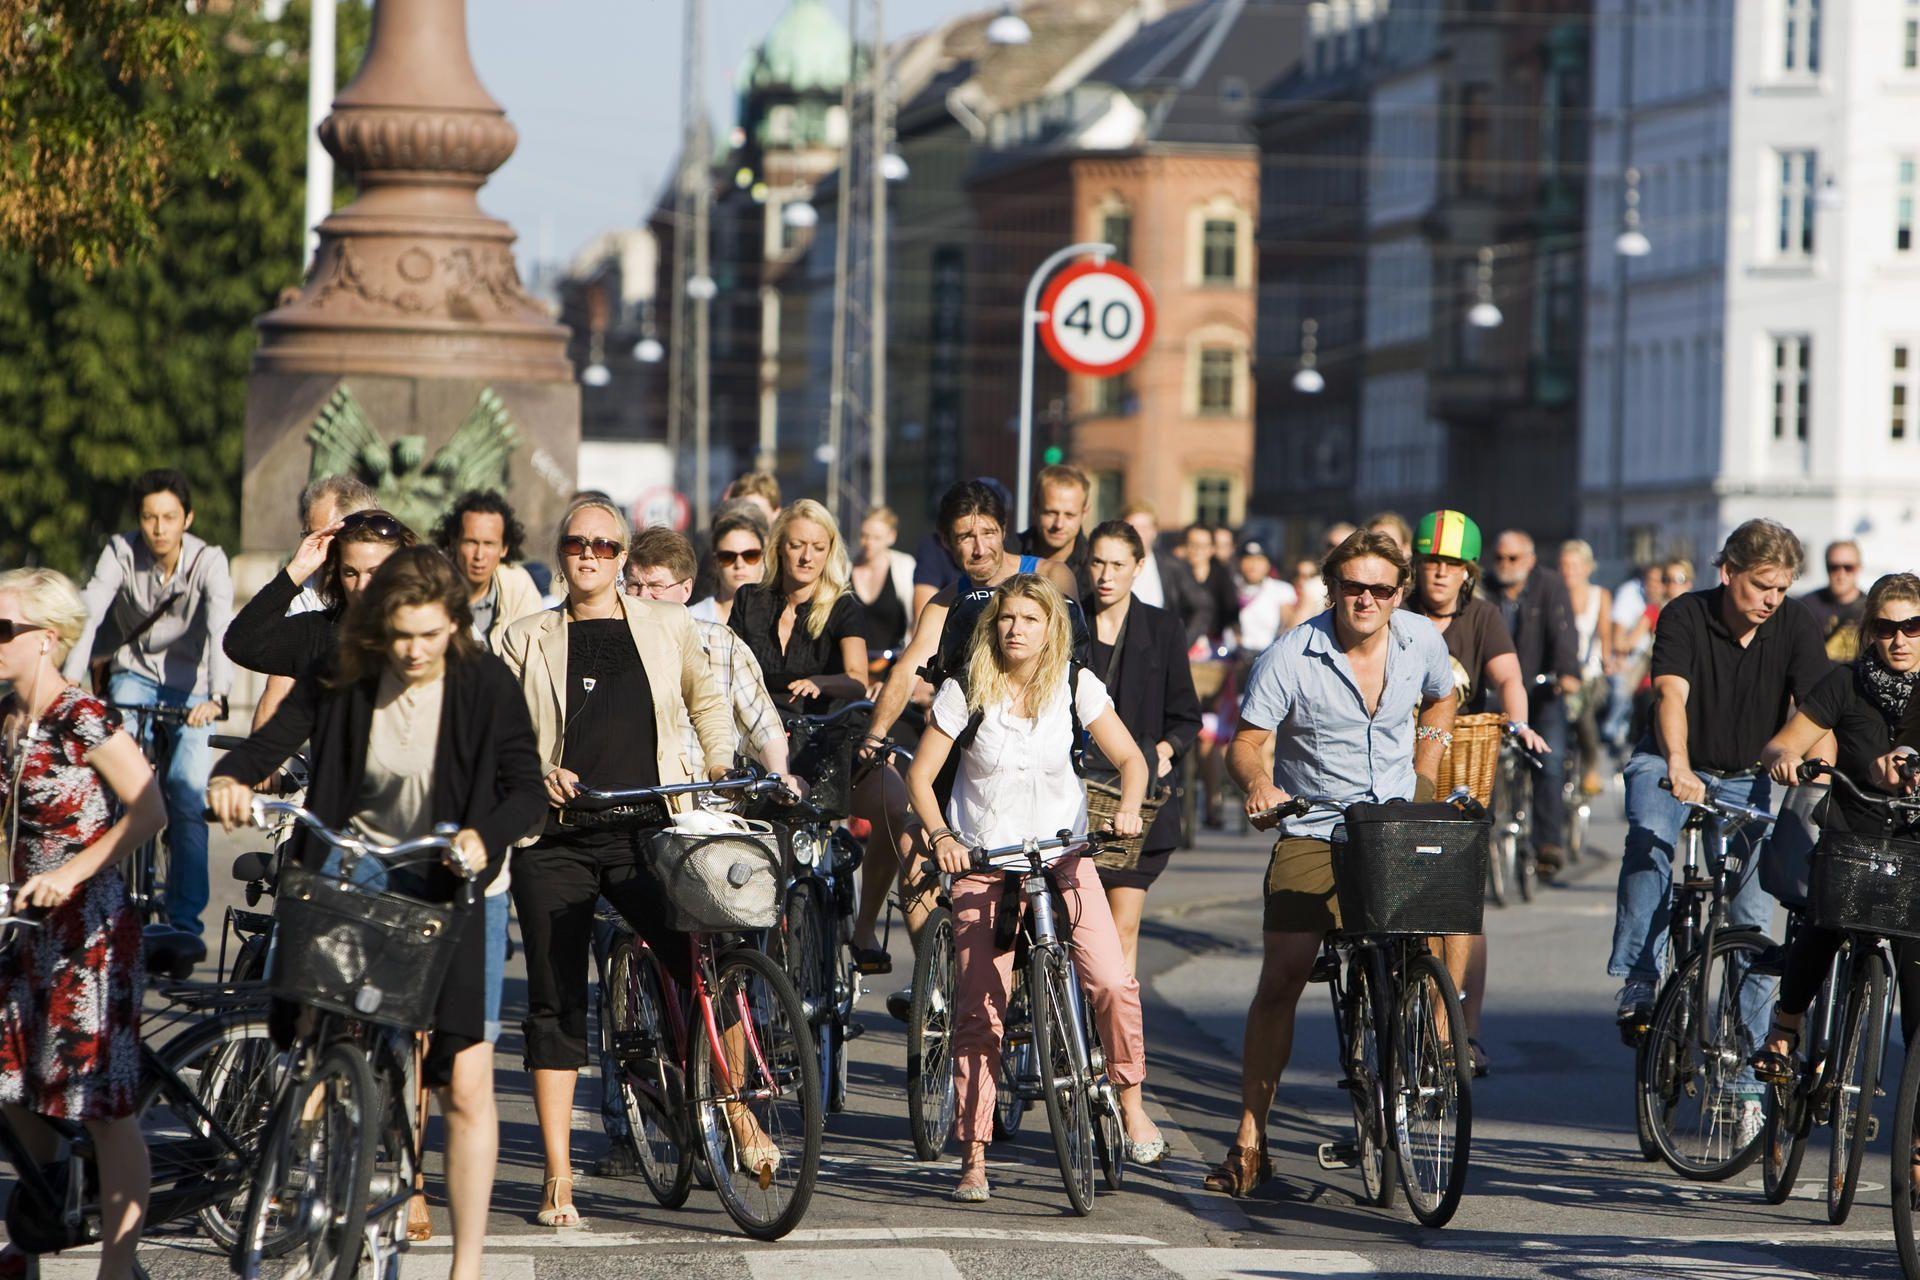 Foto: Imagine obișnuită pentru Copenhaga. Sursa: VisitDenmark